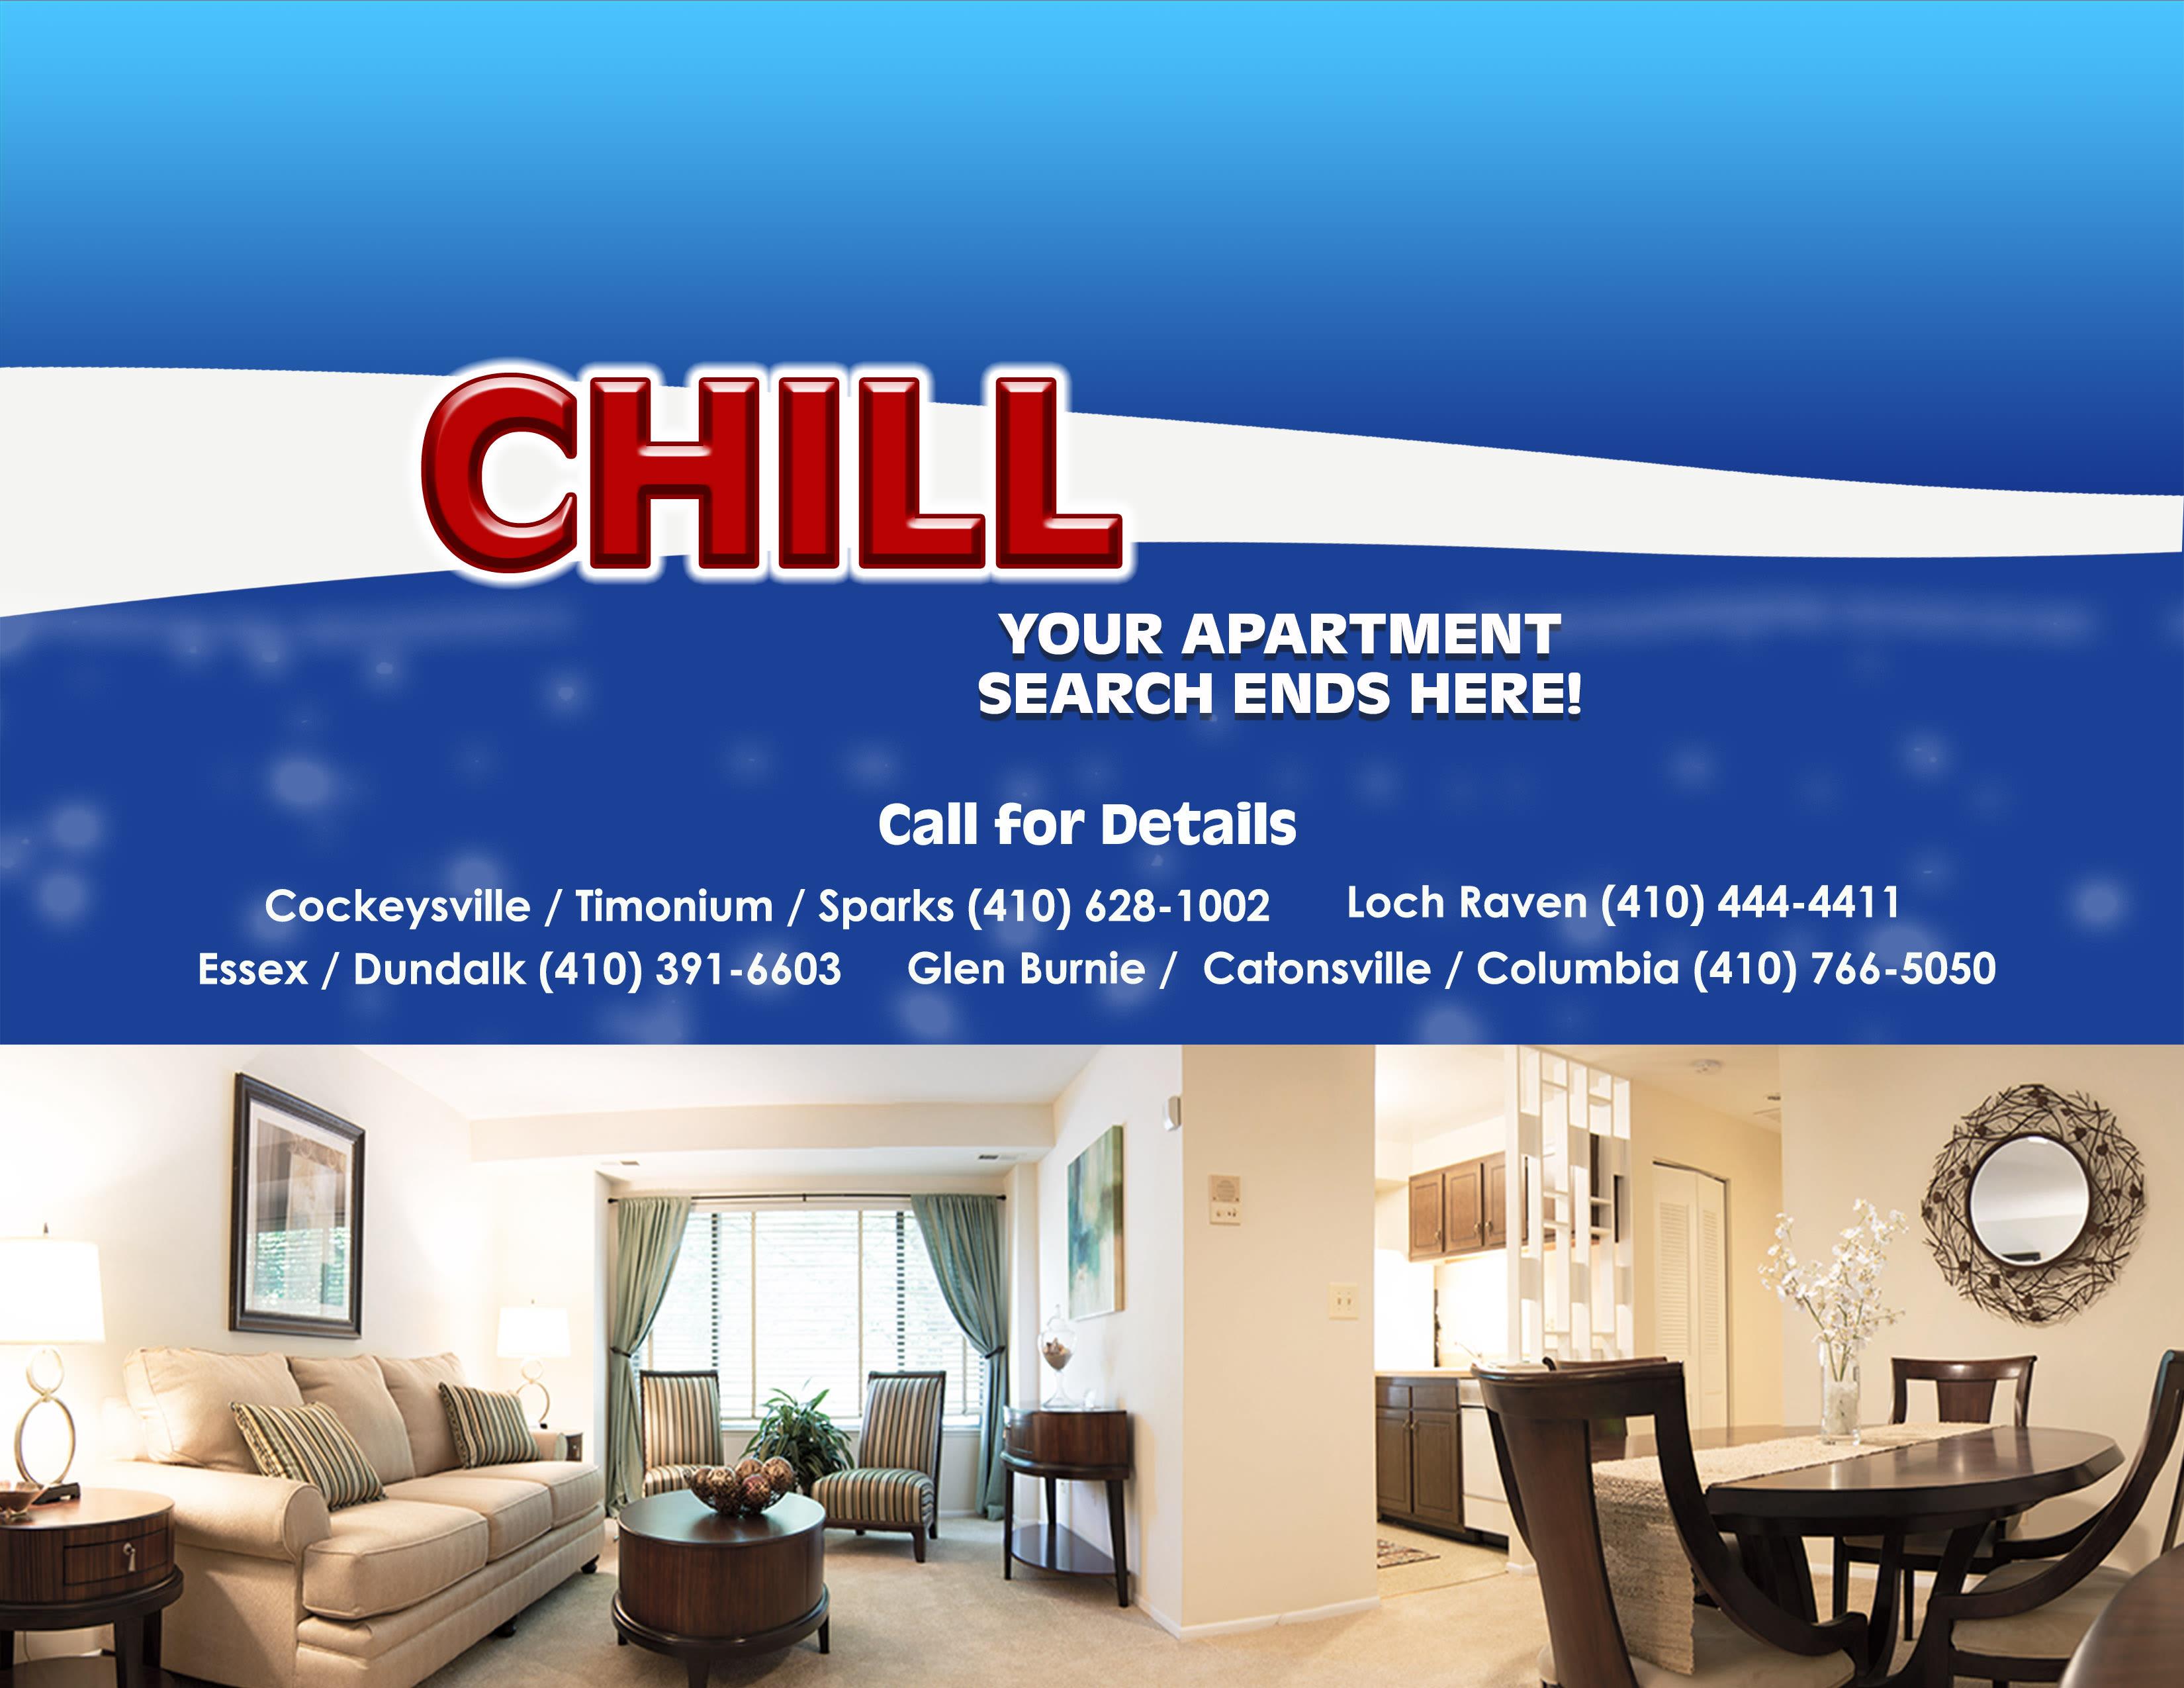 Hendersen Webb Apartments in Cockeysville, Timonium, Sparks, Essex, Dundalk, Glen Burnie, Catonsville, Columbia, Loch Raven